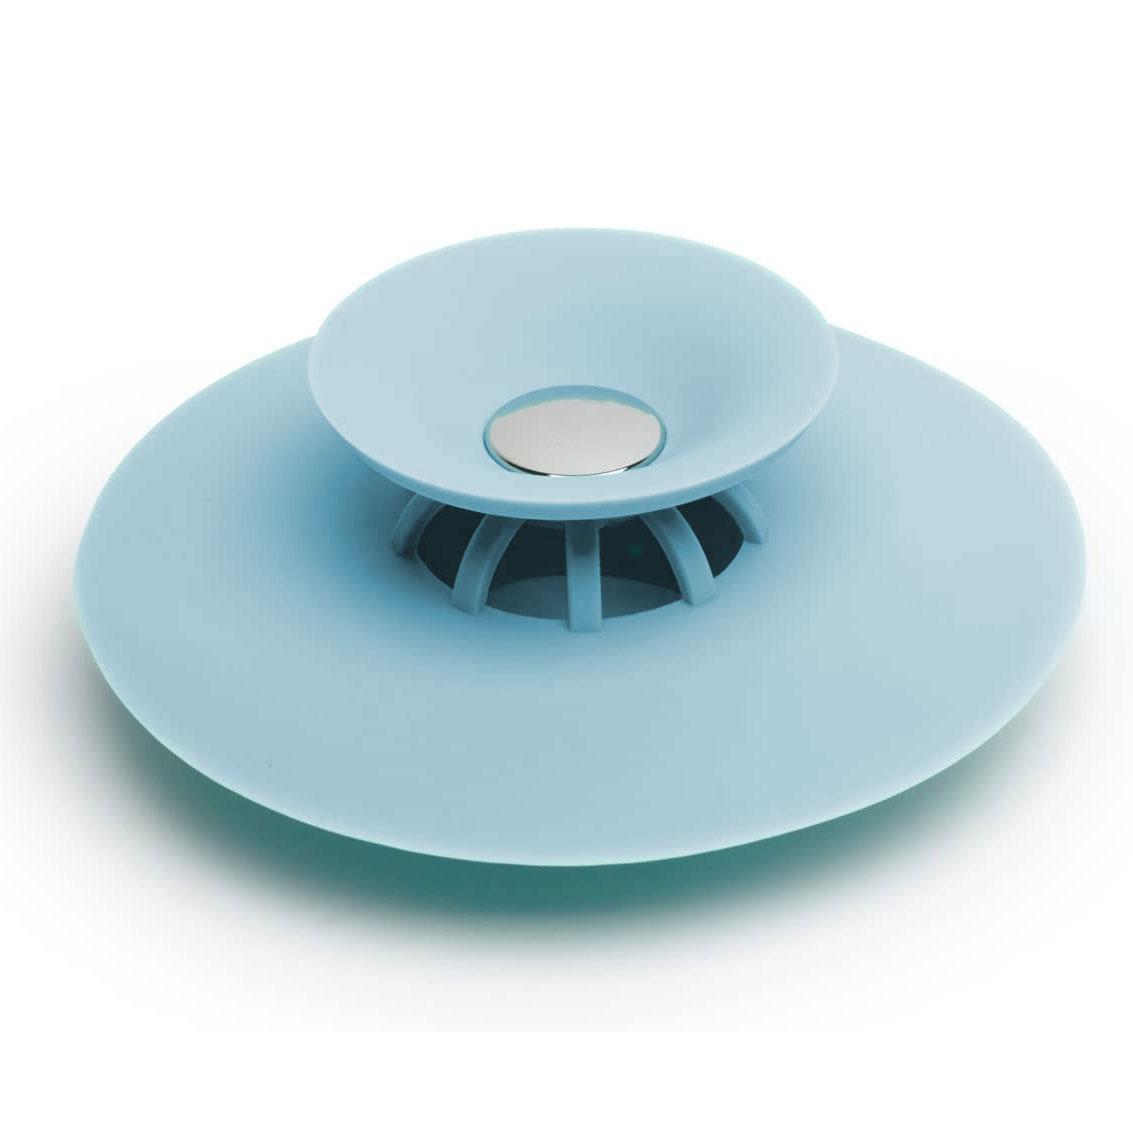 """Сеточка в раковину """"Flex Drain Stop, Фиолет"""" из силикона пробка для кухонной мойки (раковины)"""